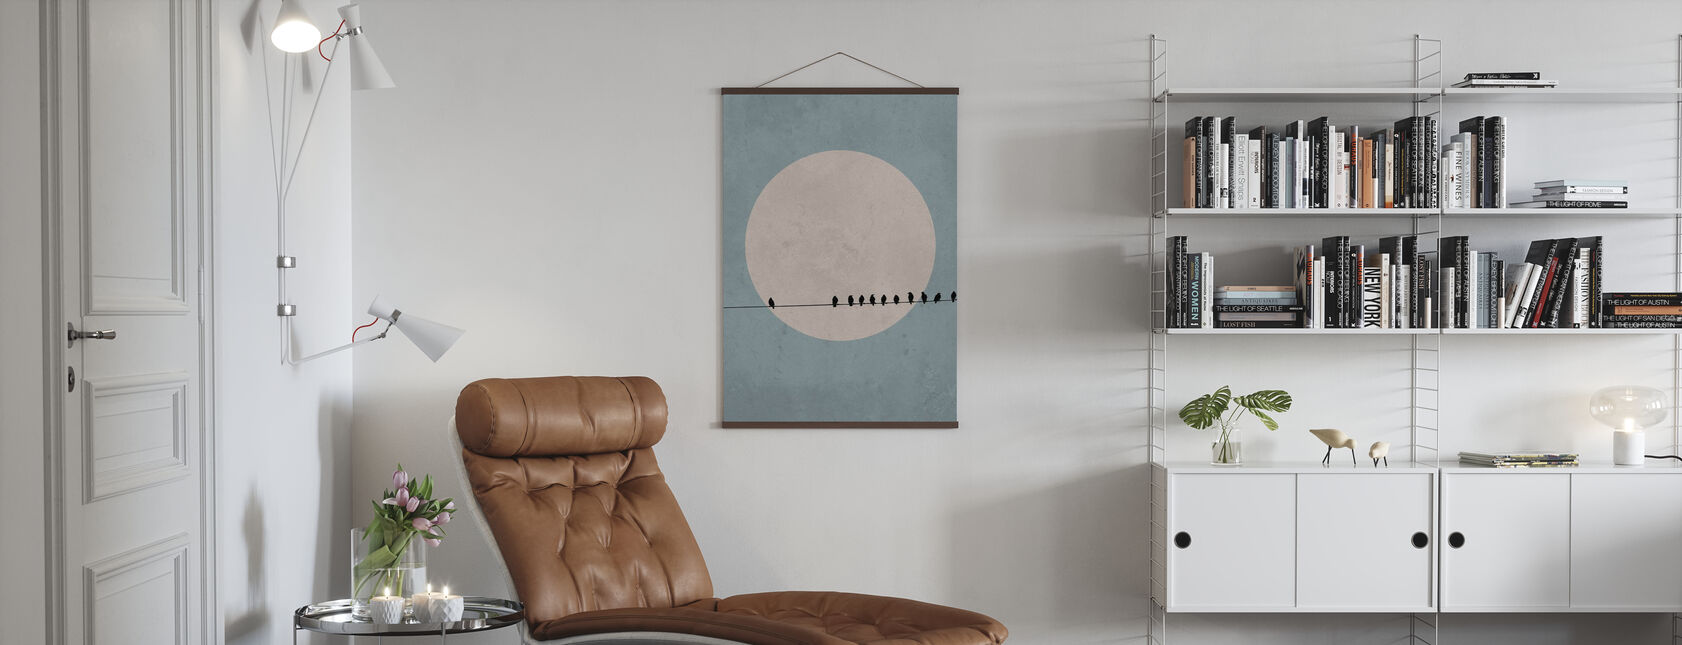 Maanvogels II - Poster - Woonkamer